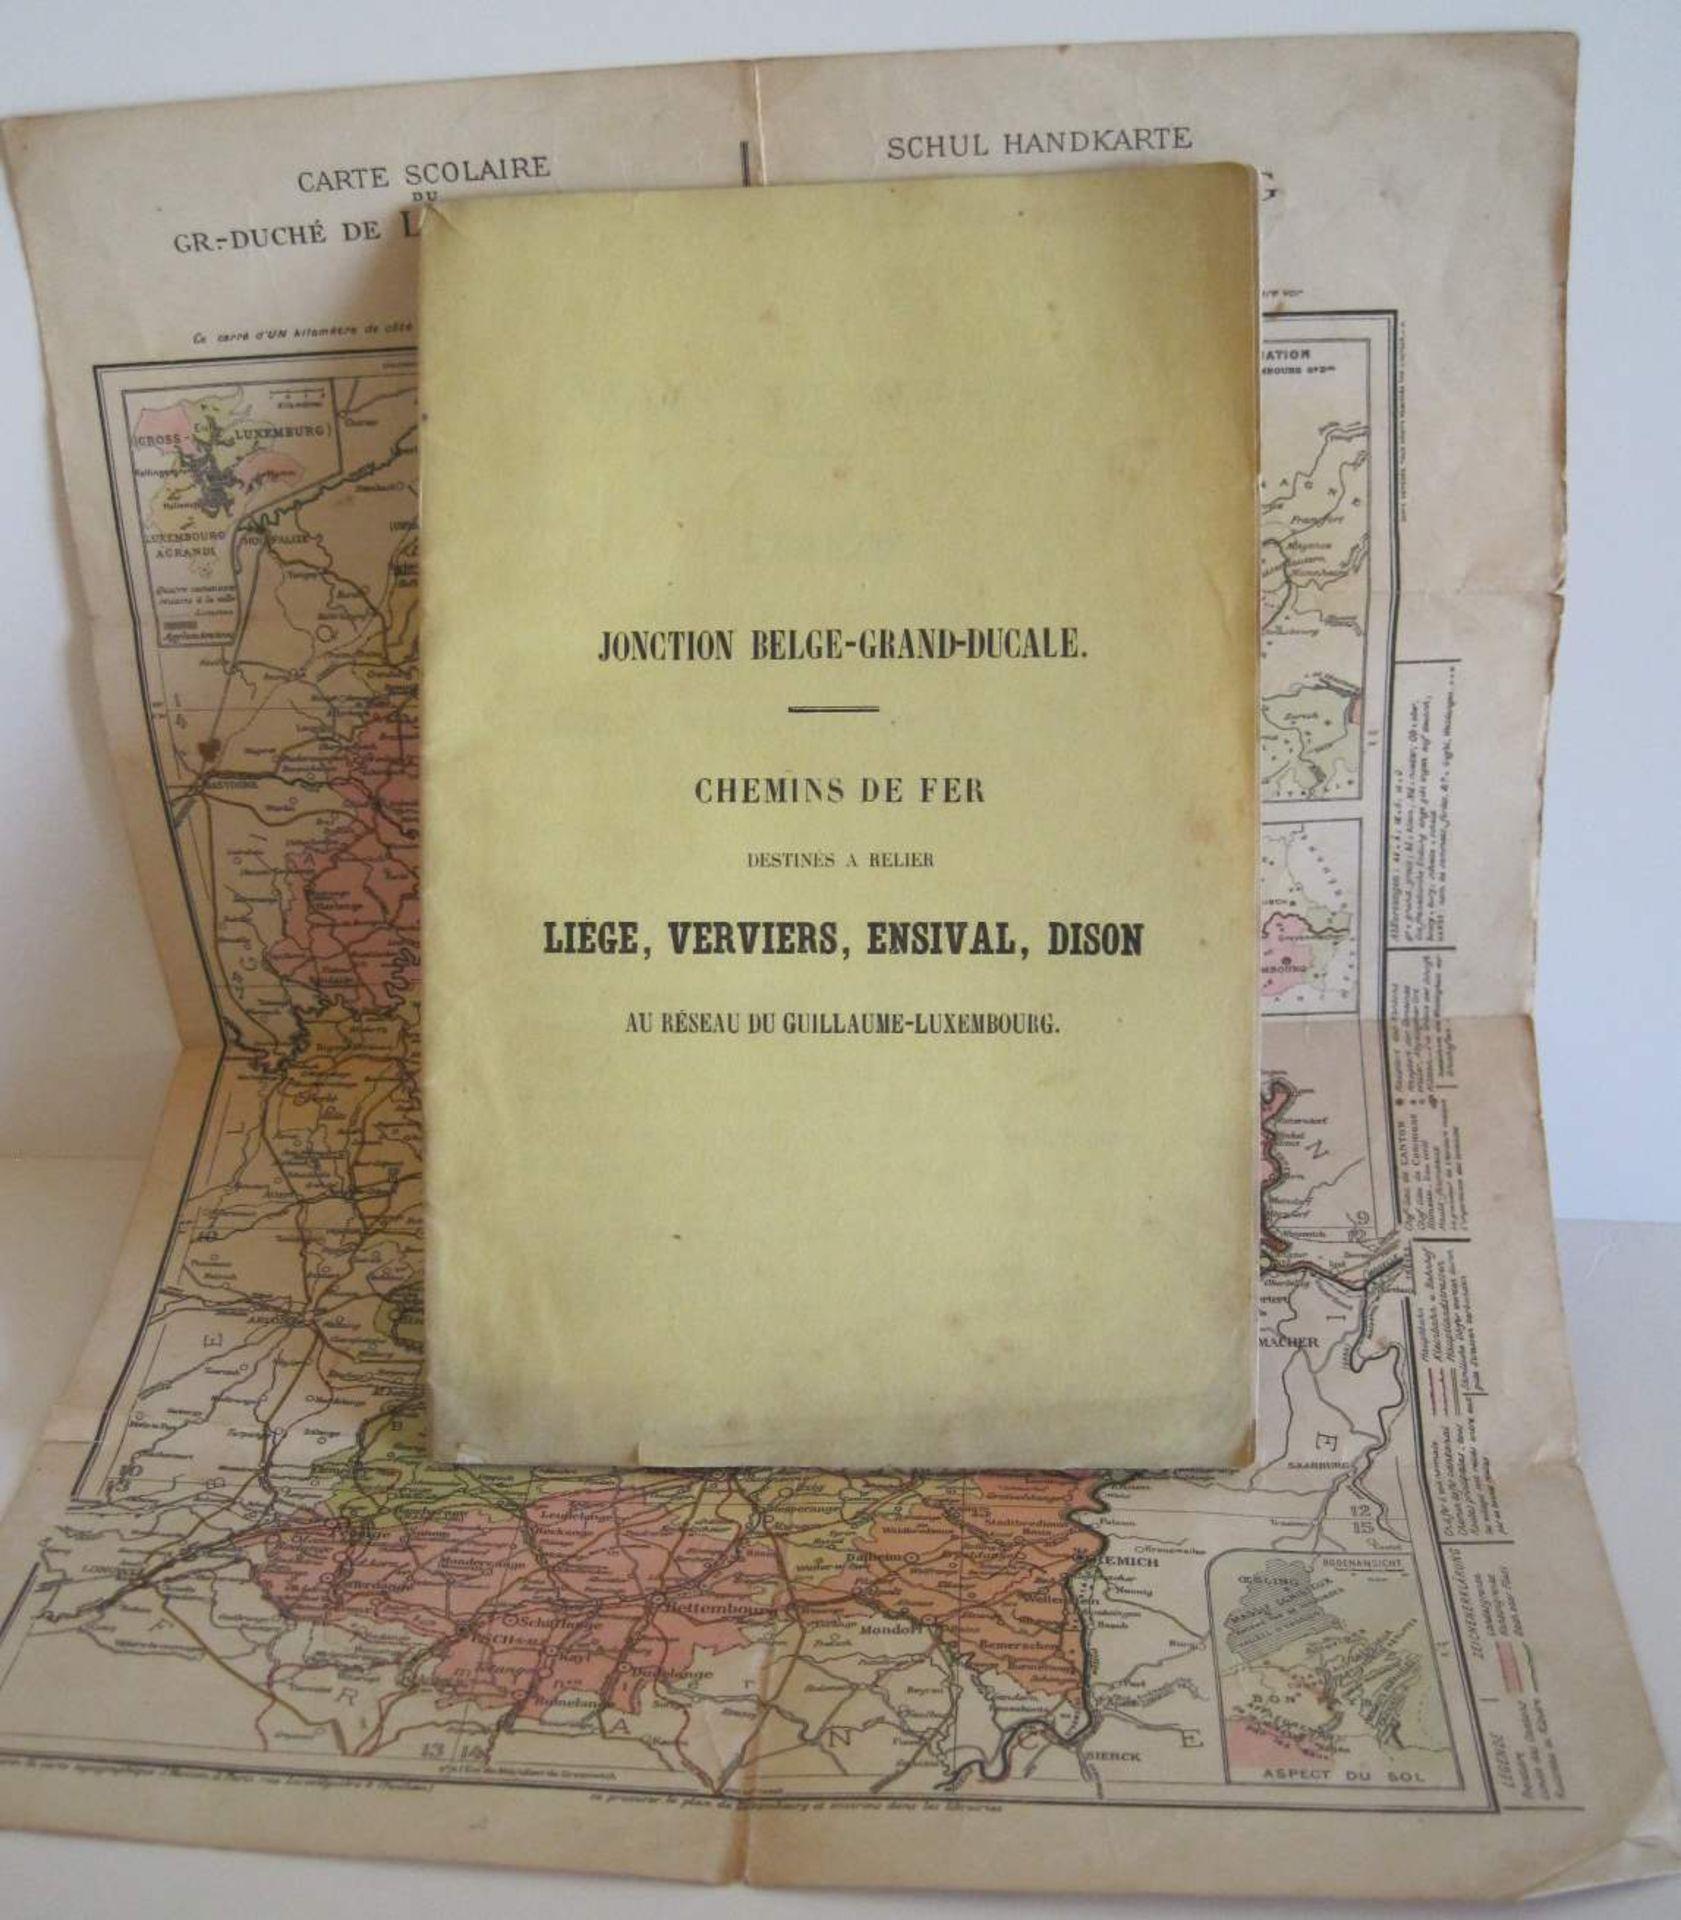 Los 5 - Rare brochure de la jonction Belge-Grand-Ducale destinée à relier Liège, verviers, [...]